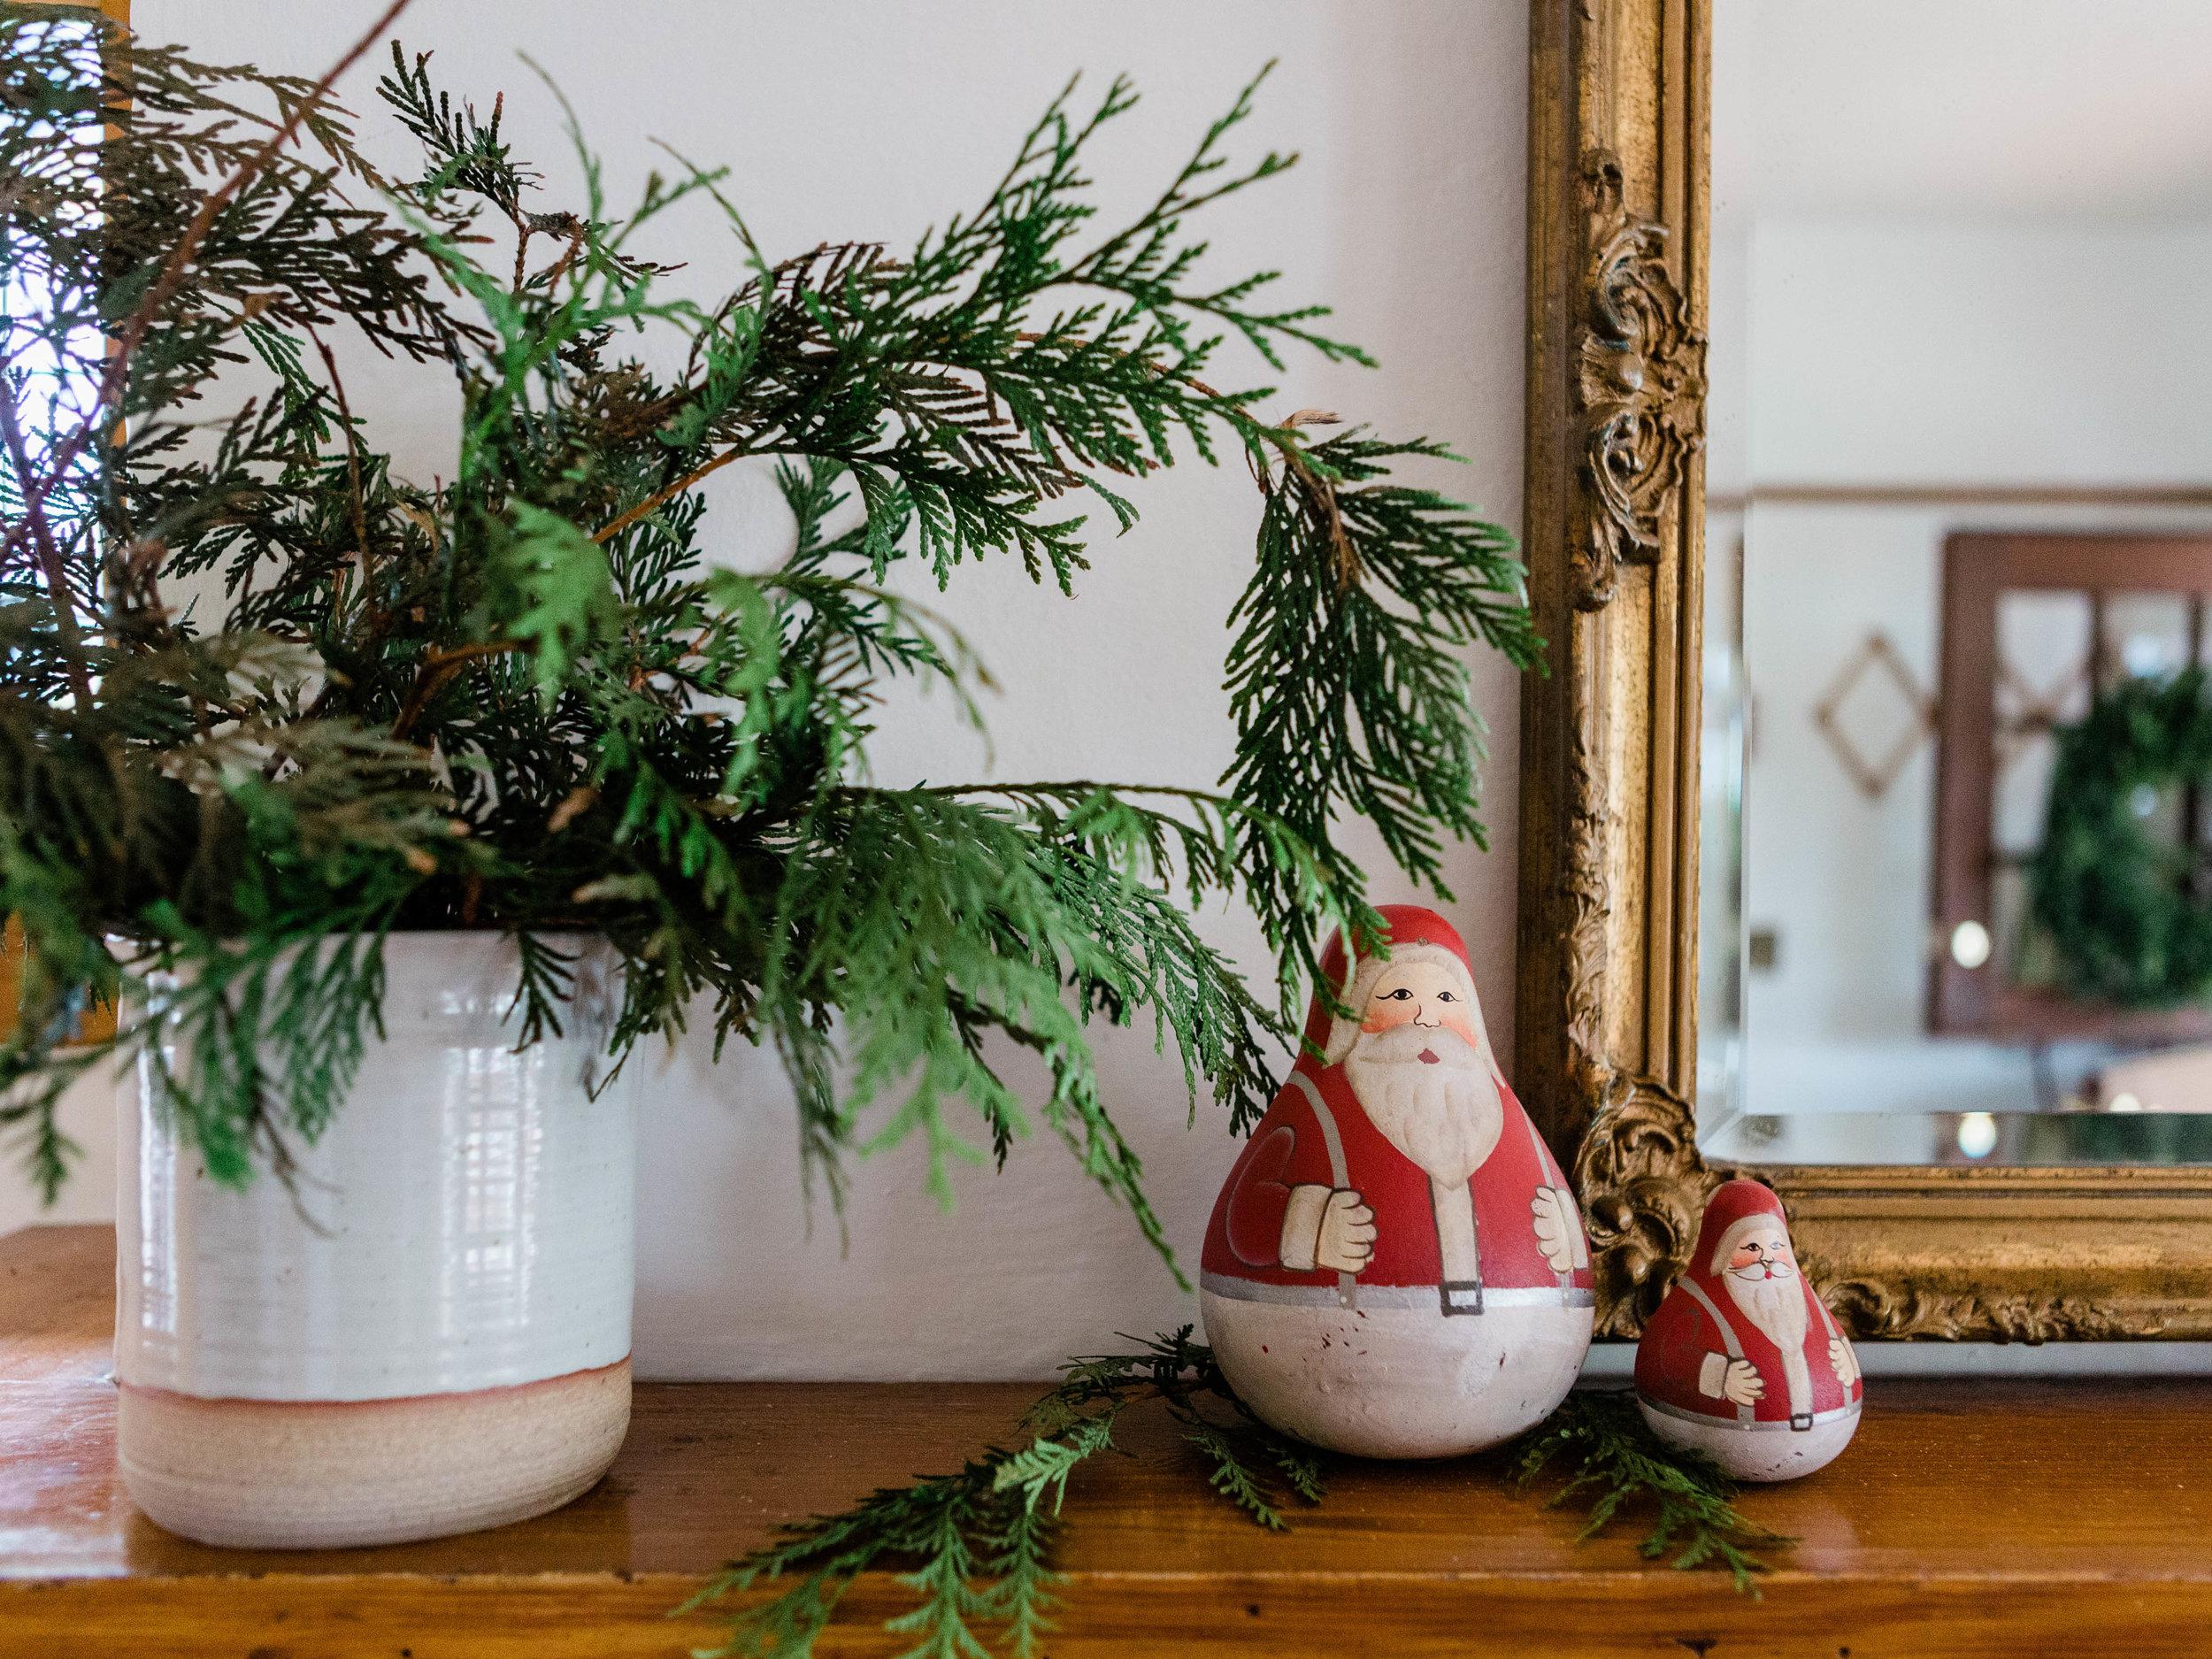 Ceramic utensil jar    Hand painted Santa